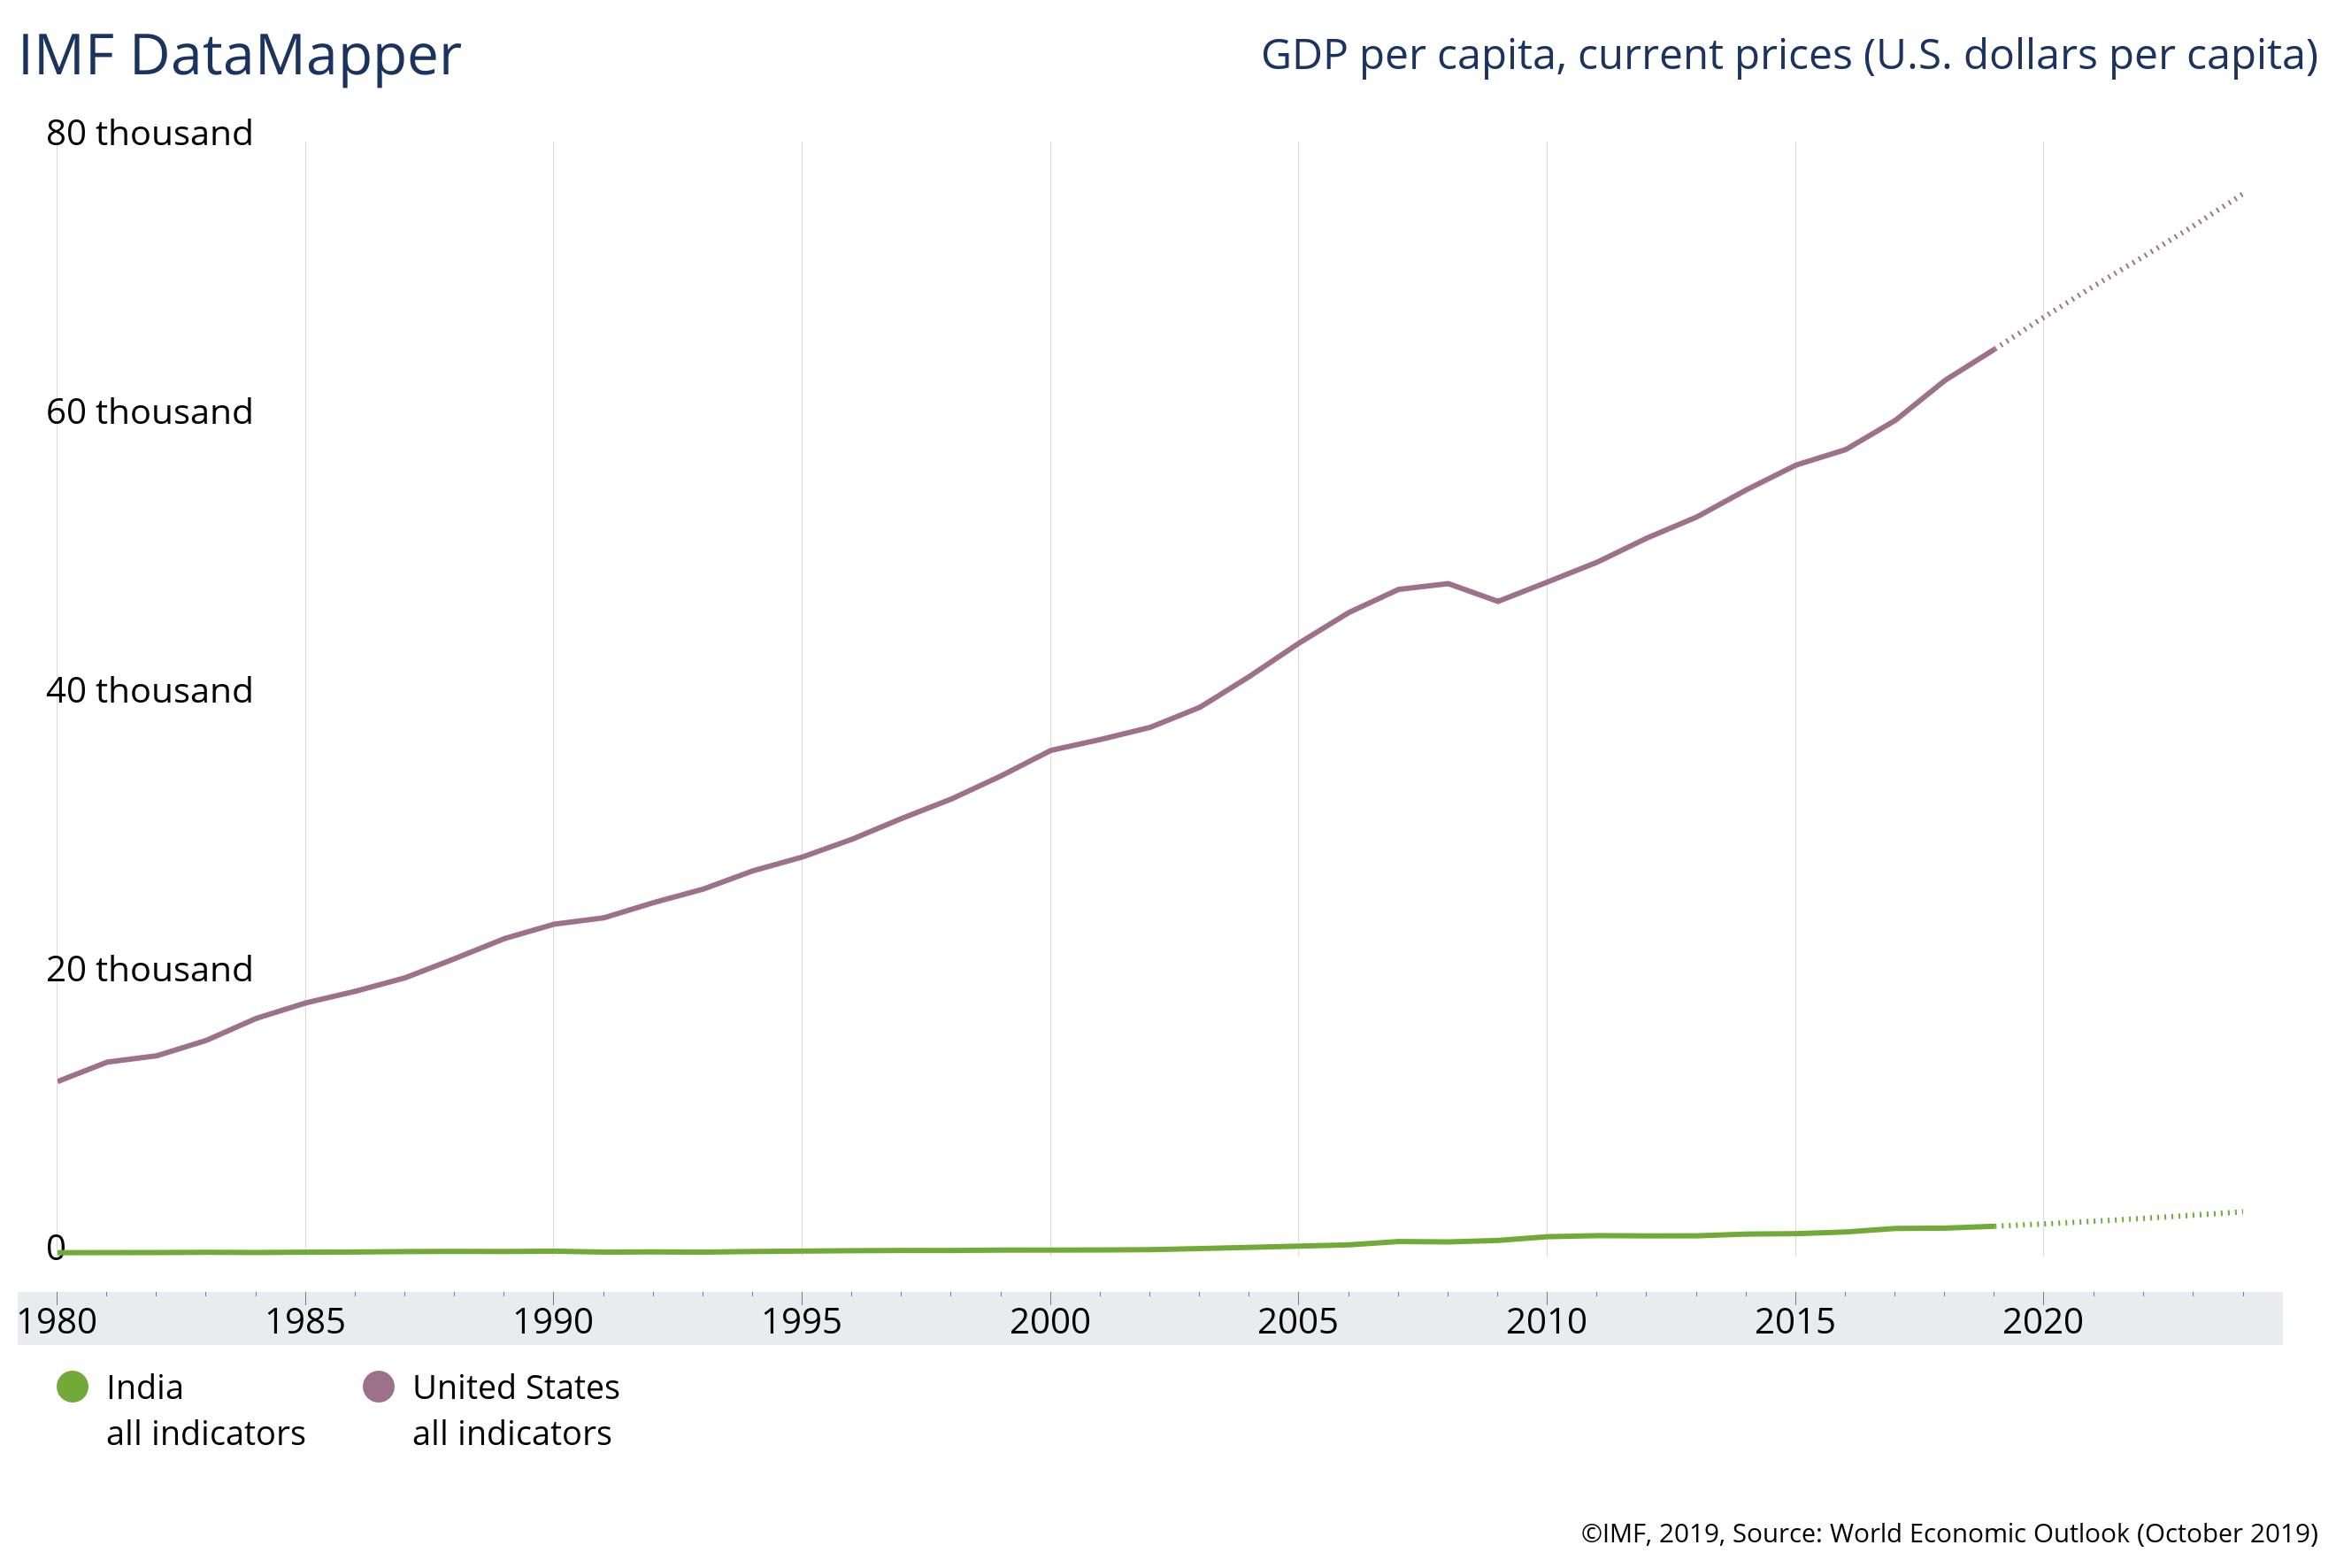 gdp per capita India US